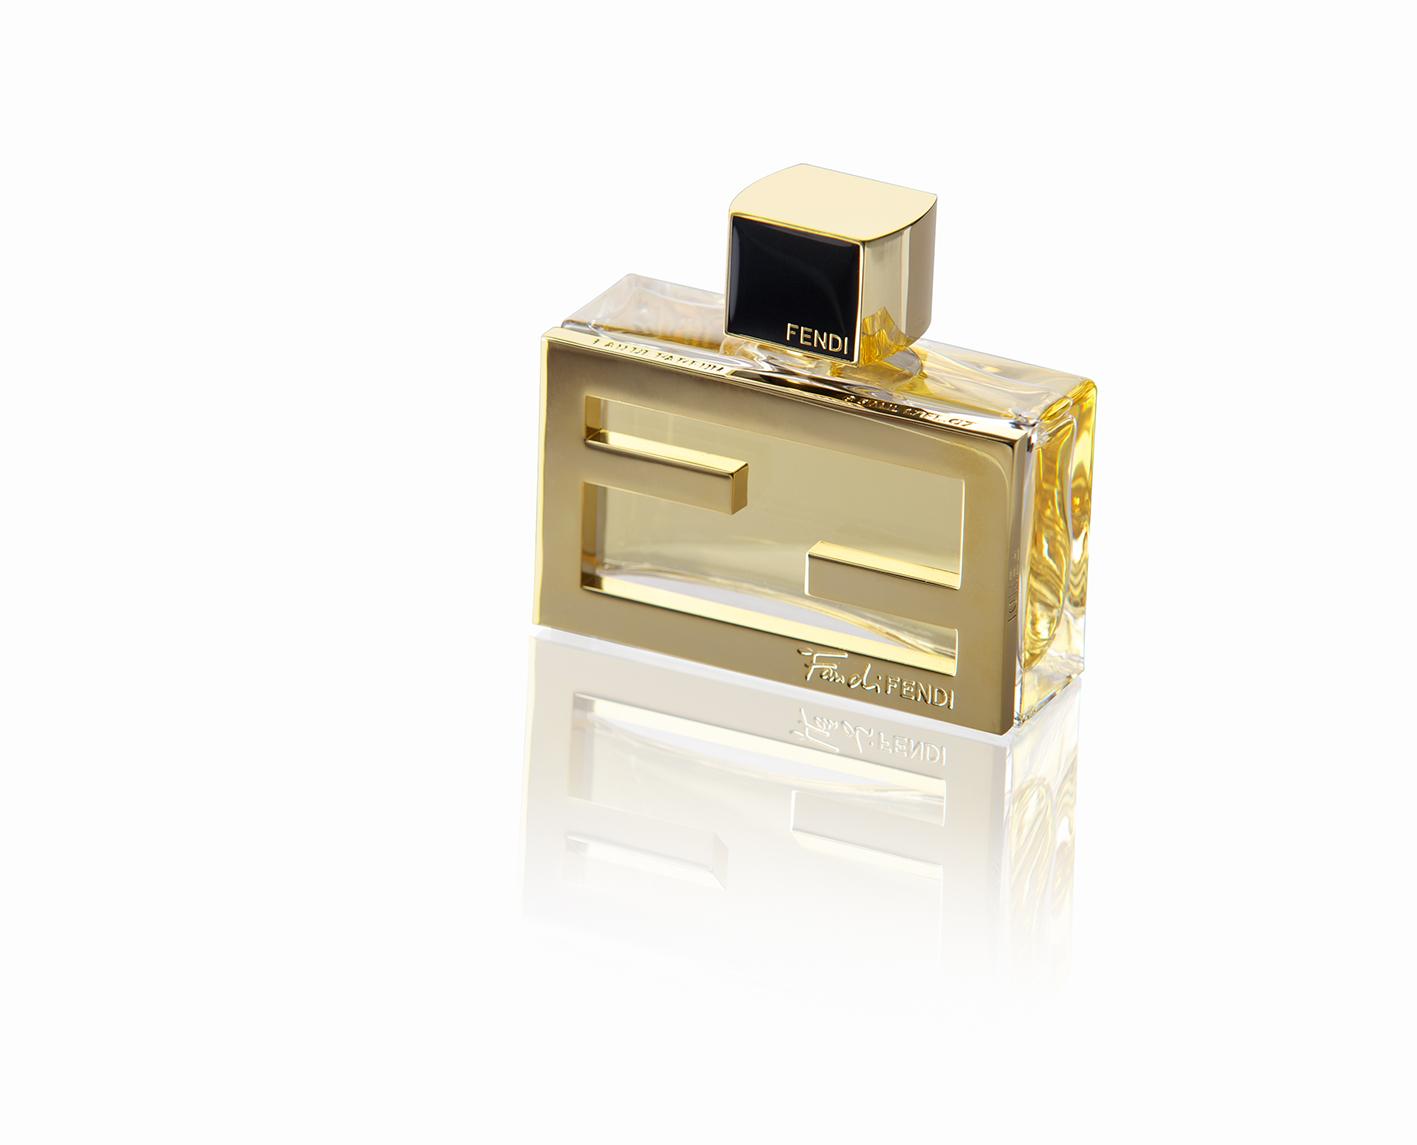 Fendi parfum